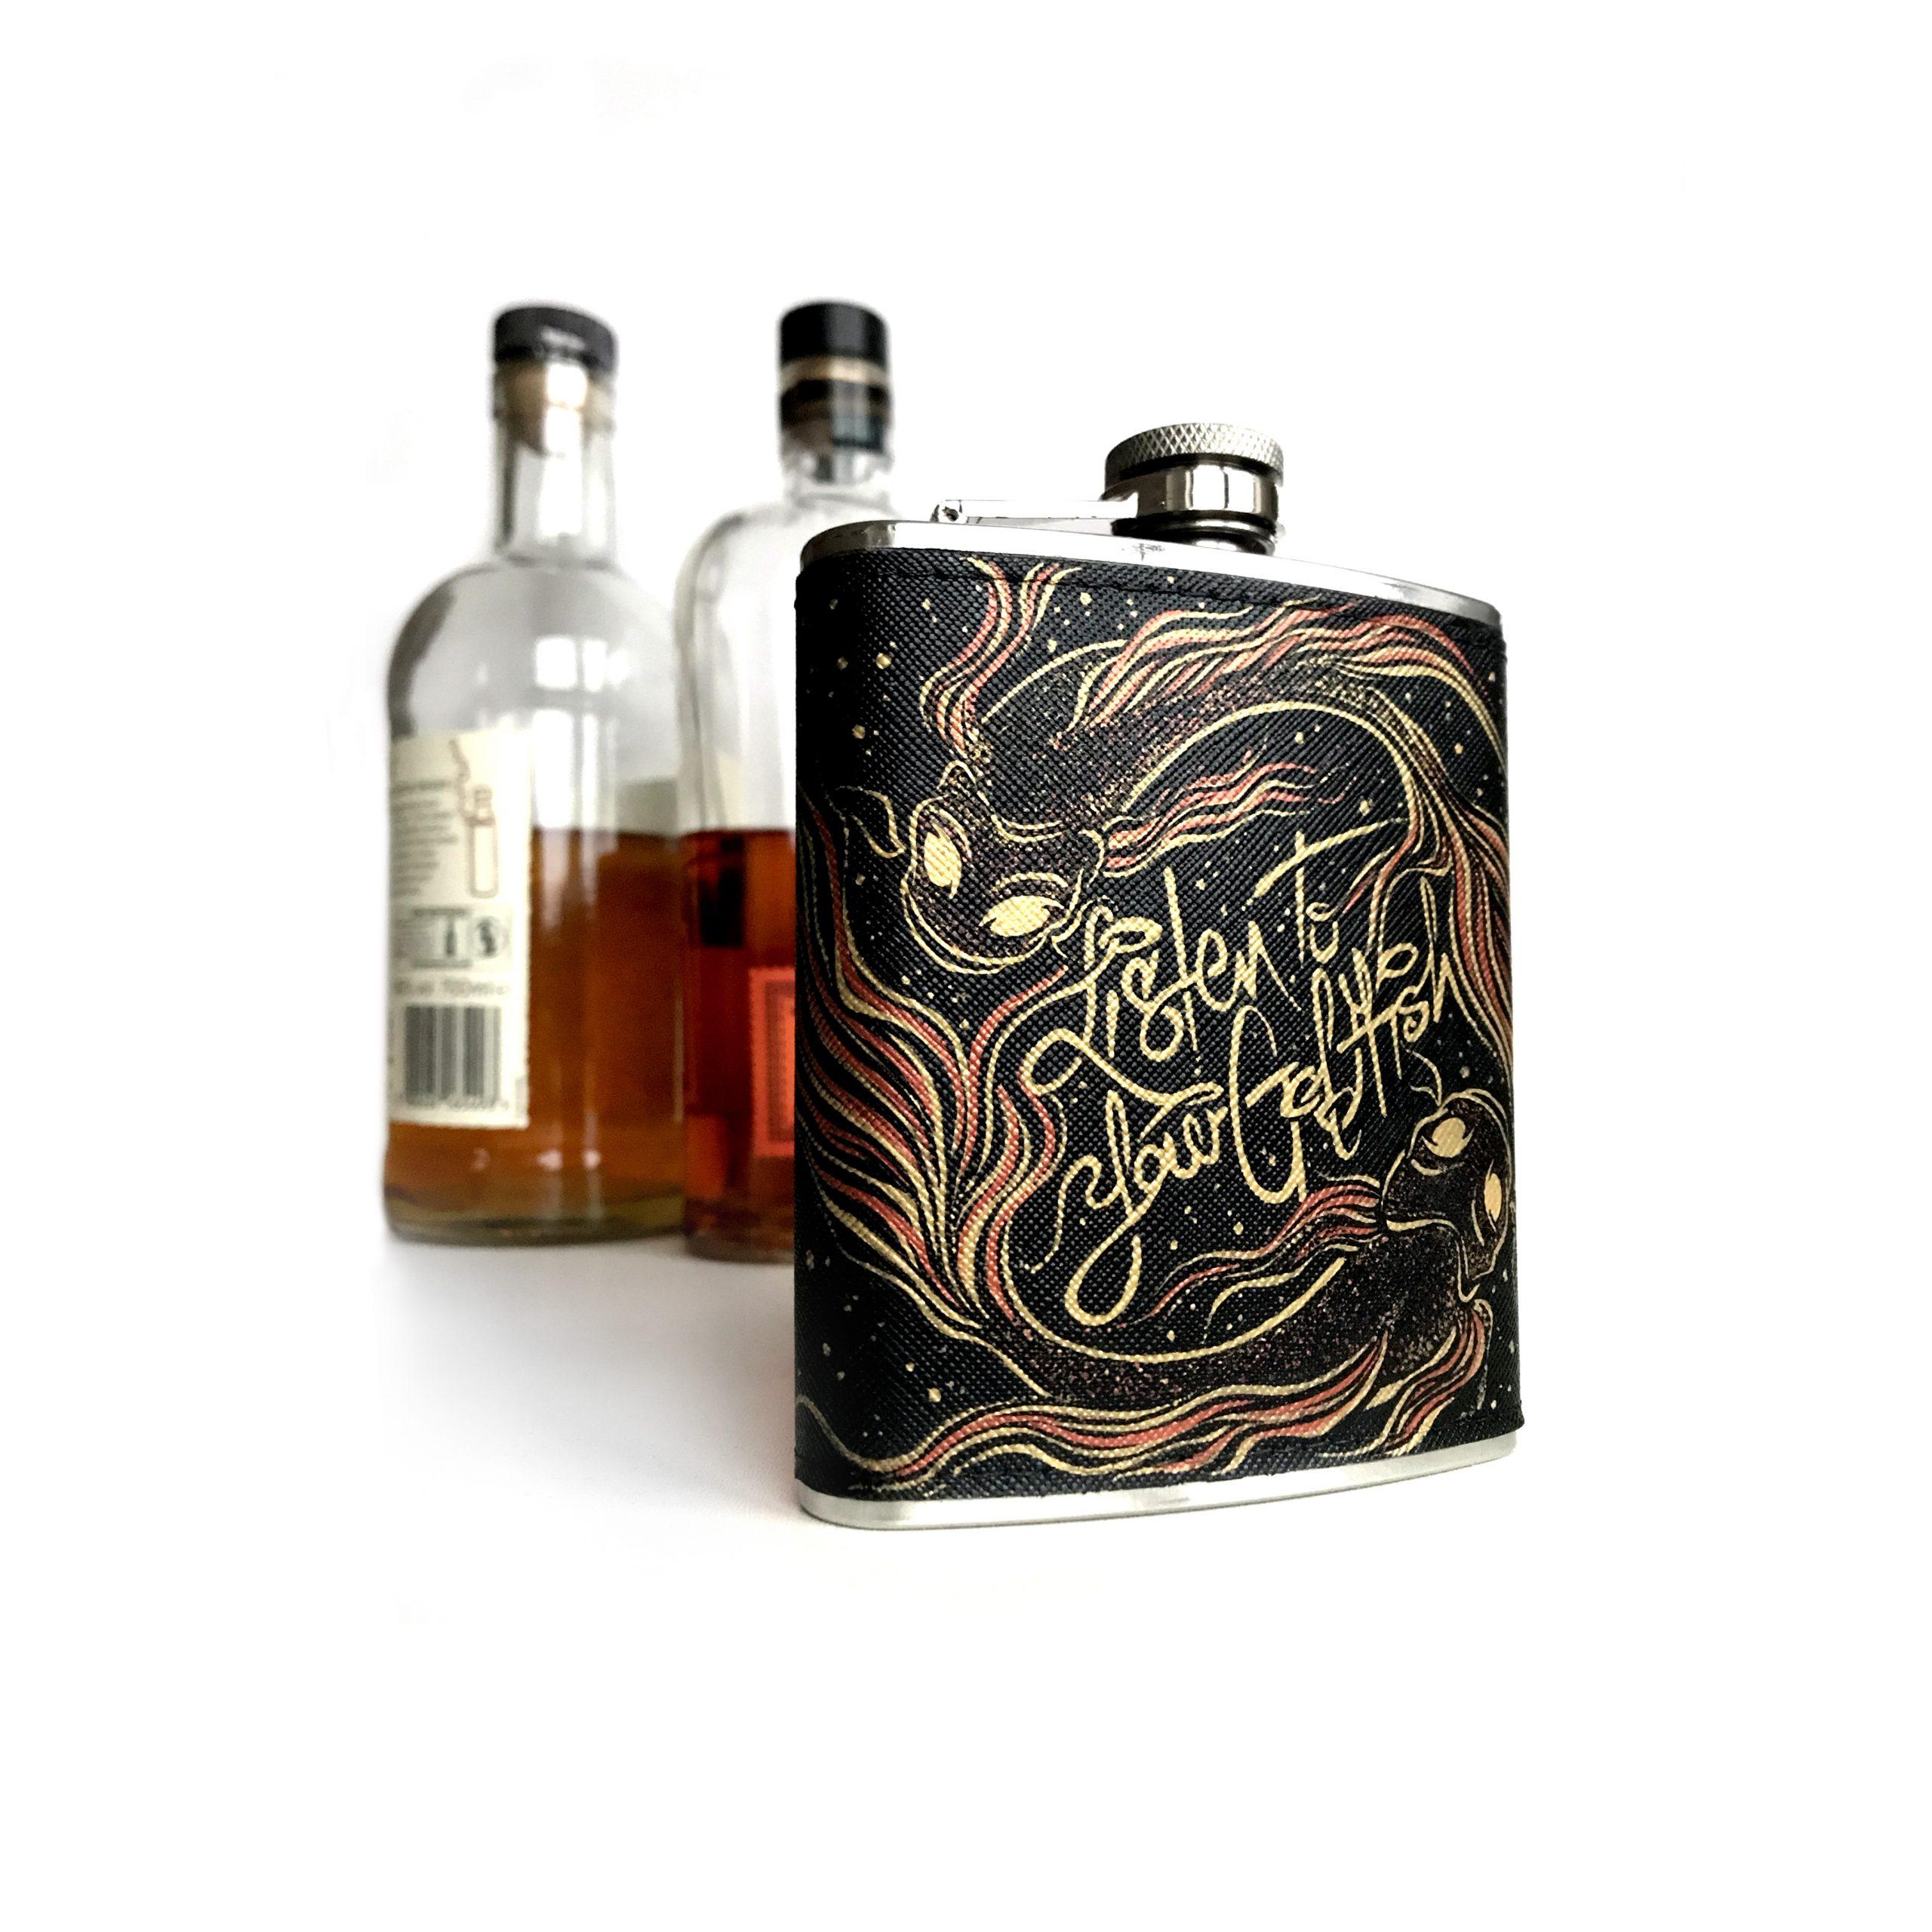 https://bulletonastring.com/wp-content/uploads/2020/07/HipFlask_final_whiskey_shot-1-scaled.jpg